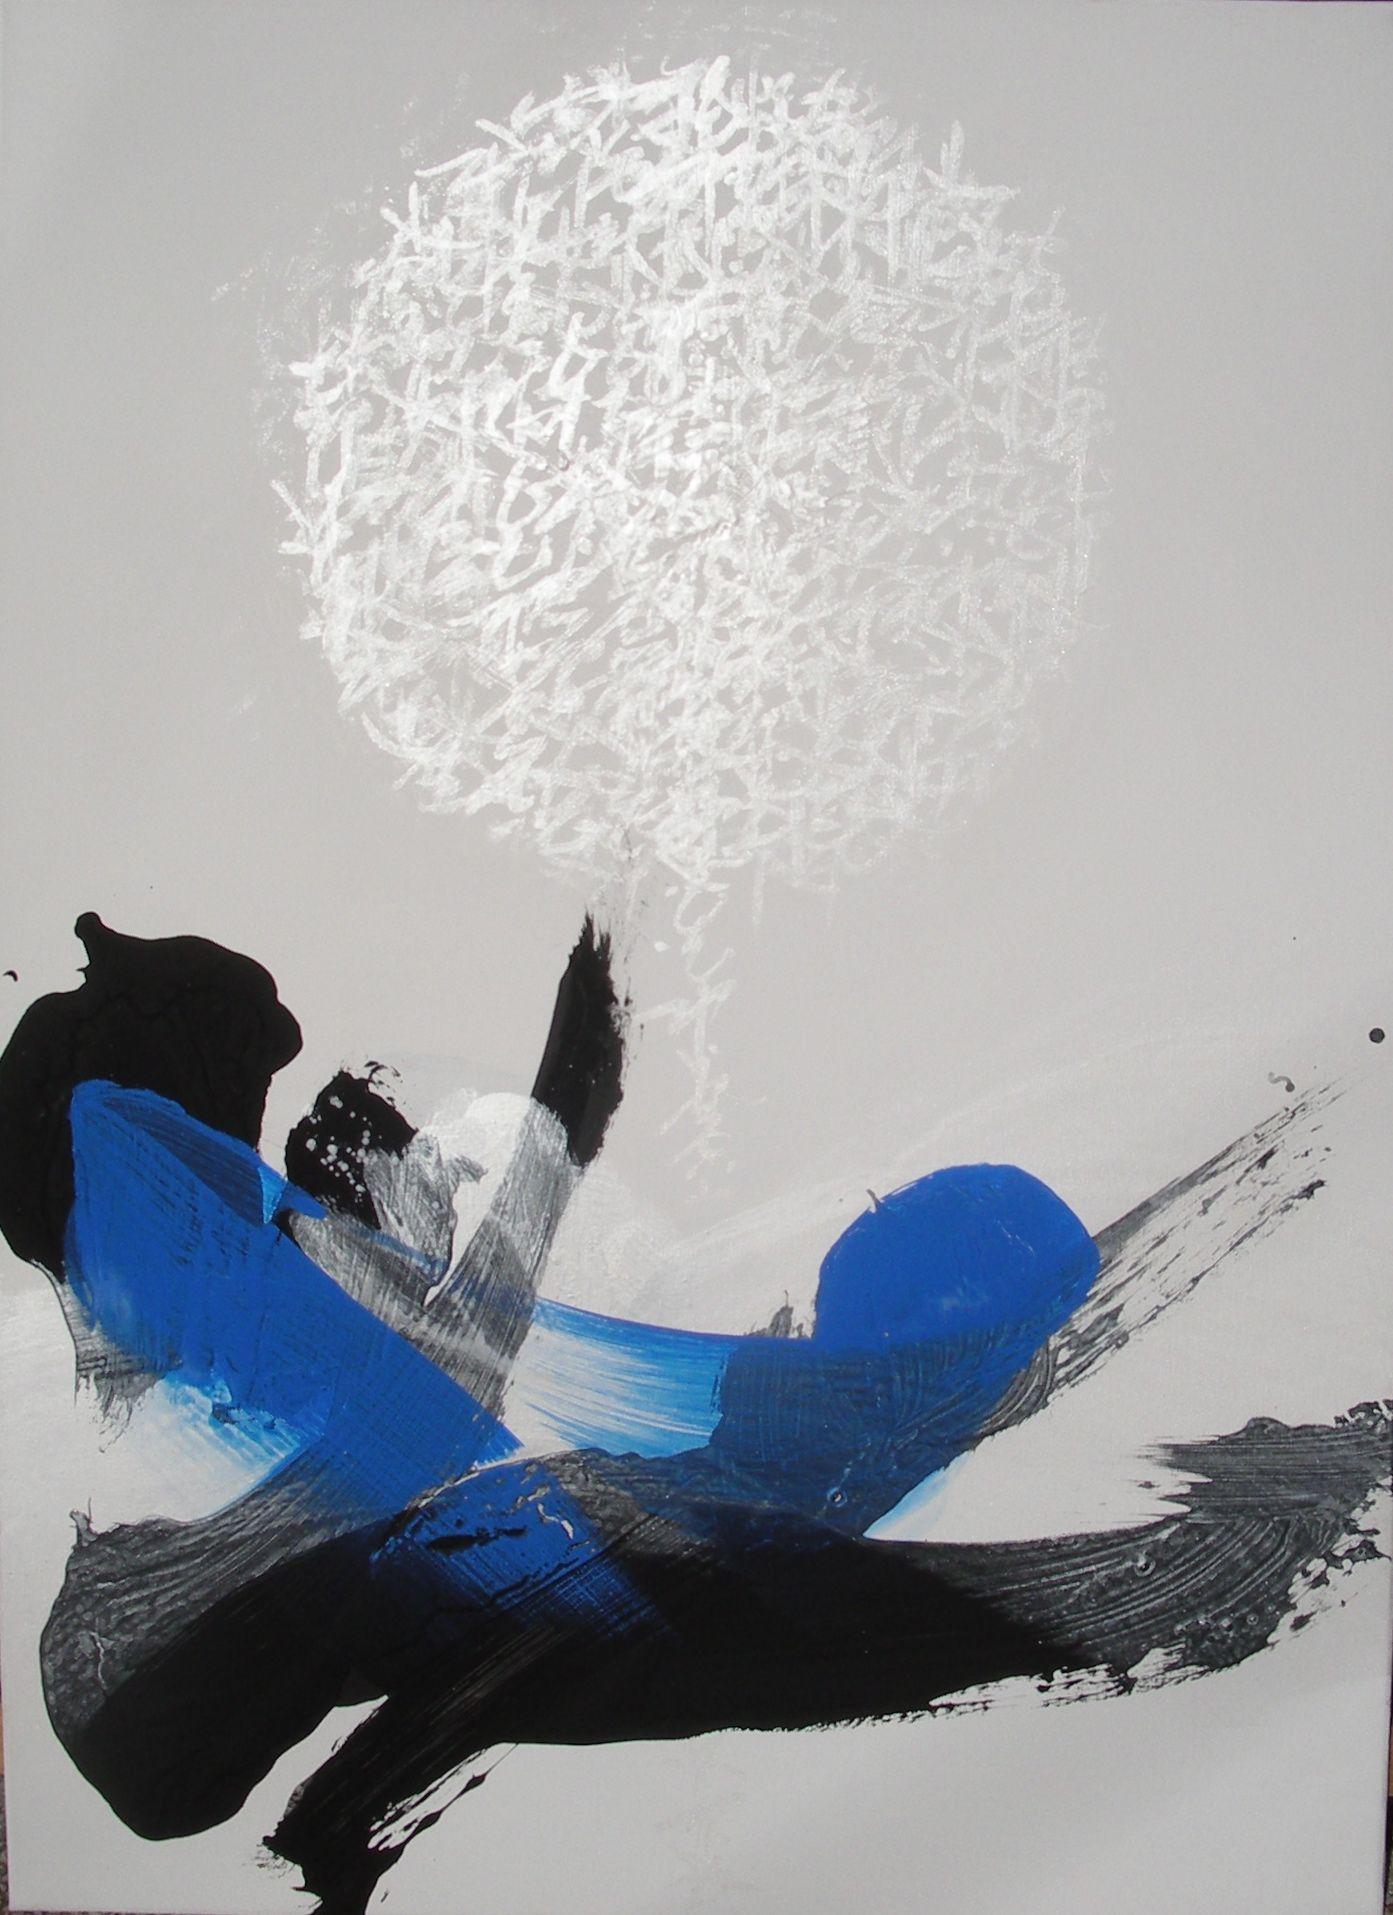 By Hachiro Kanno Les Arts Oeuvre D Art Peinture Abstraite